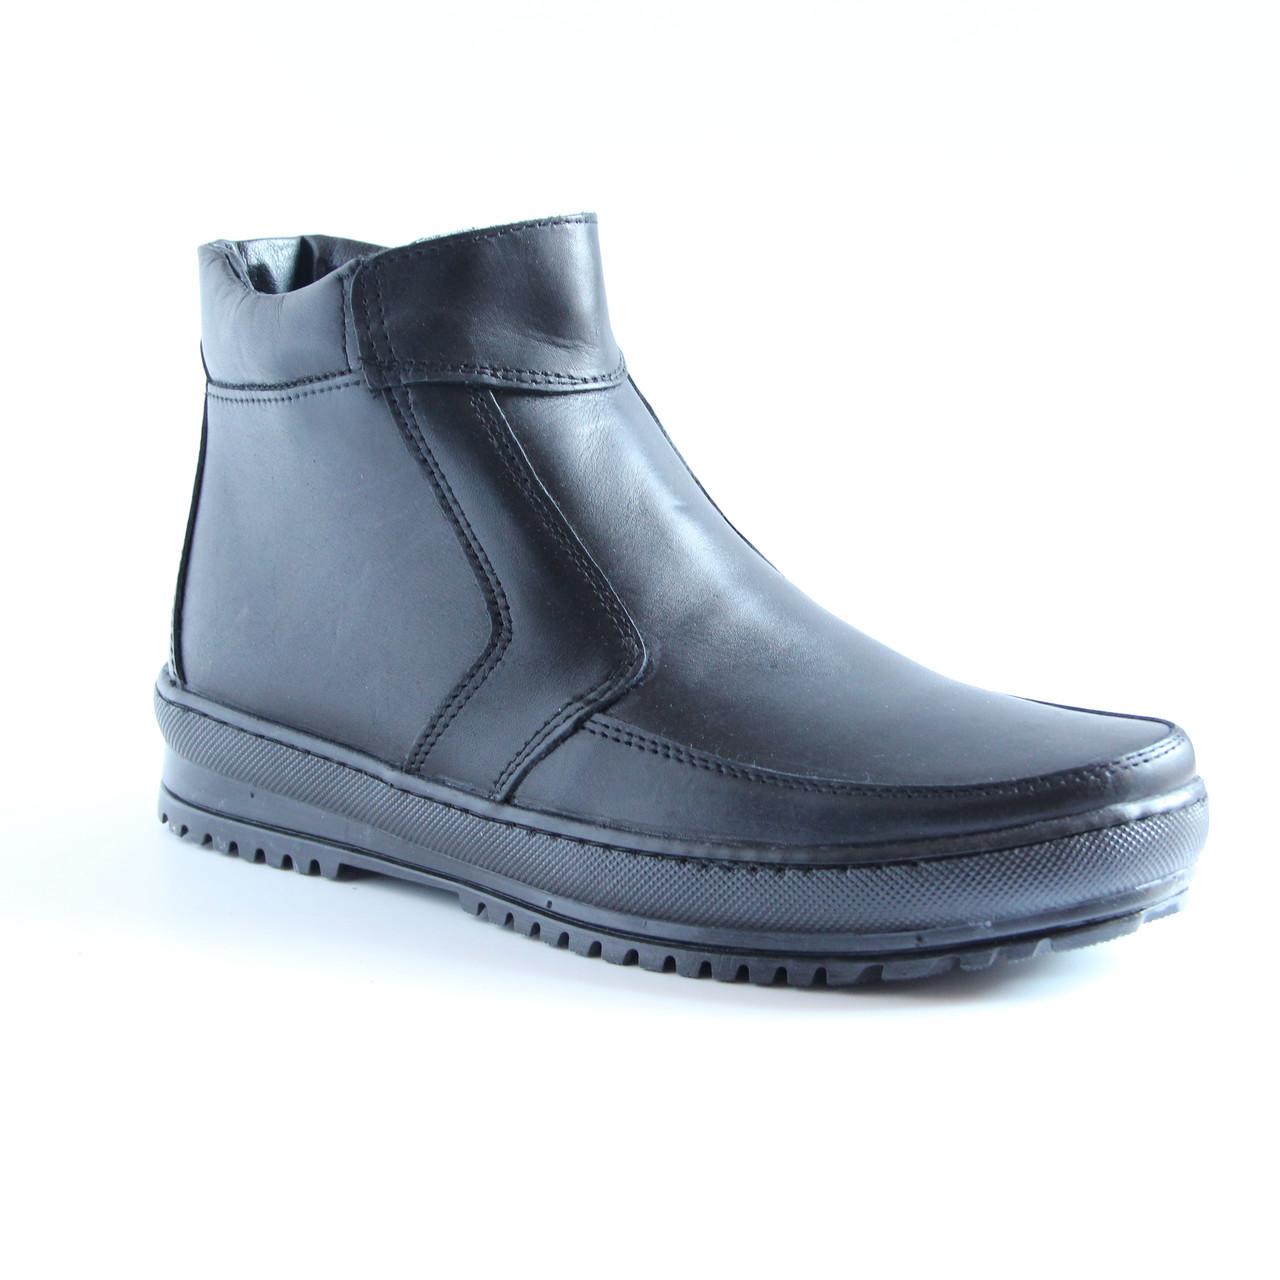 Мужские кожаные зимние ботинки АН на молнии